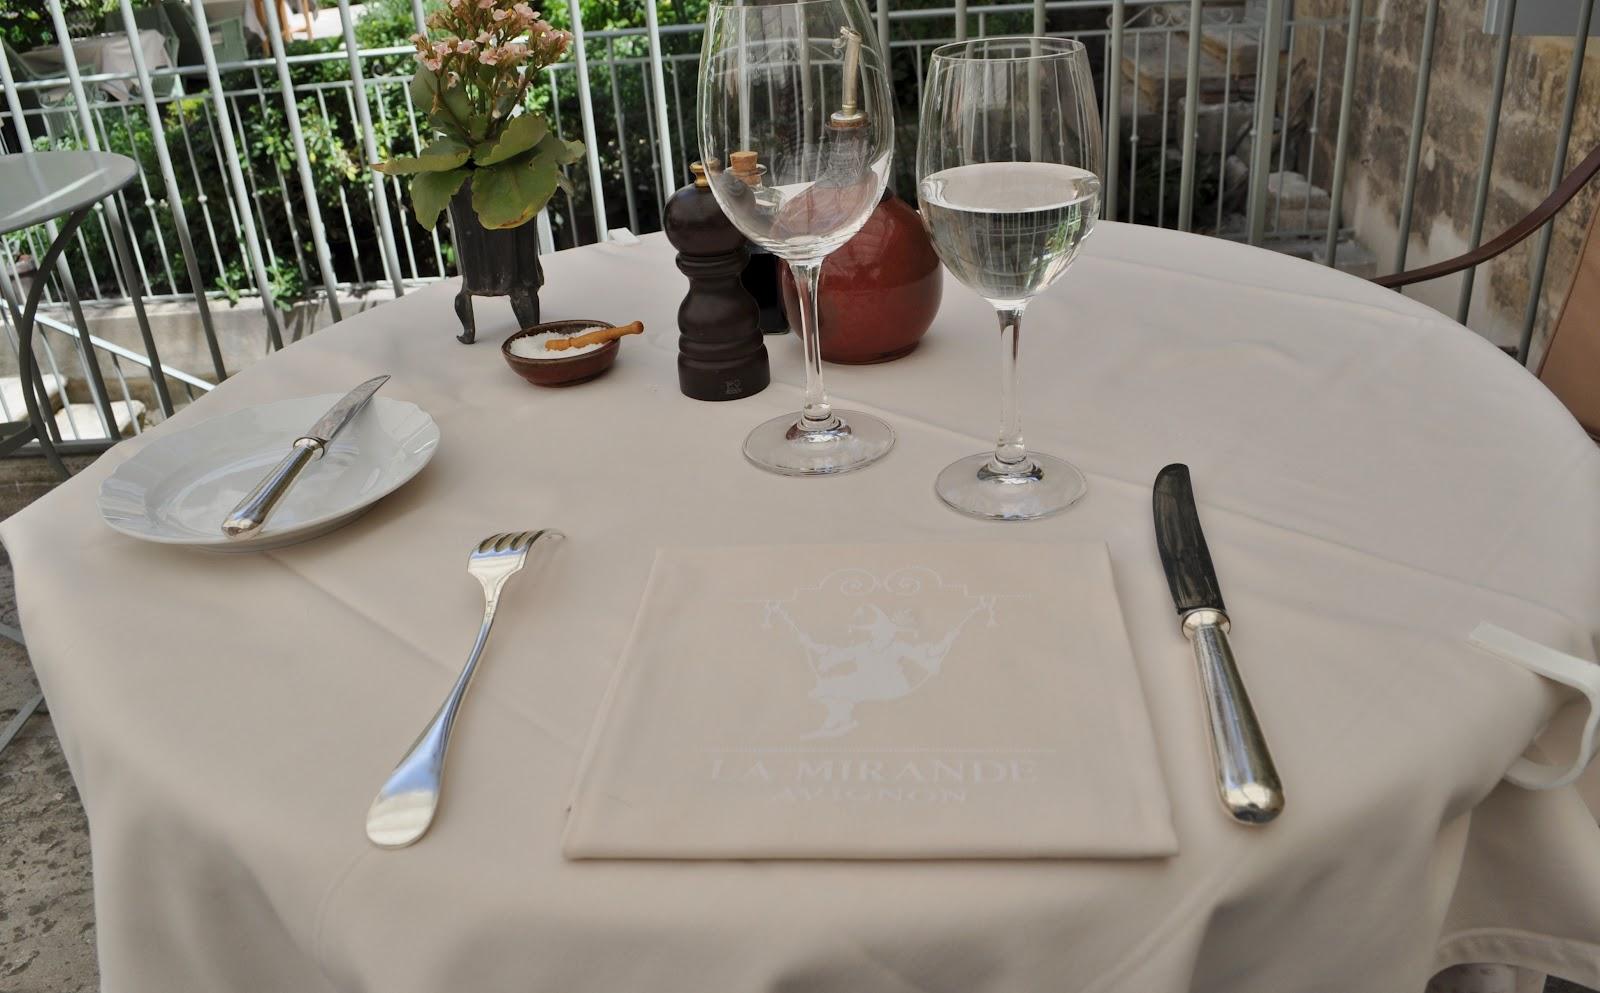 Our house in provence la mirande restaurant avignon - L amuse bouche avignon ...